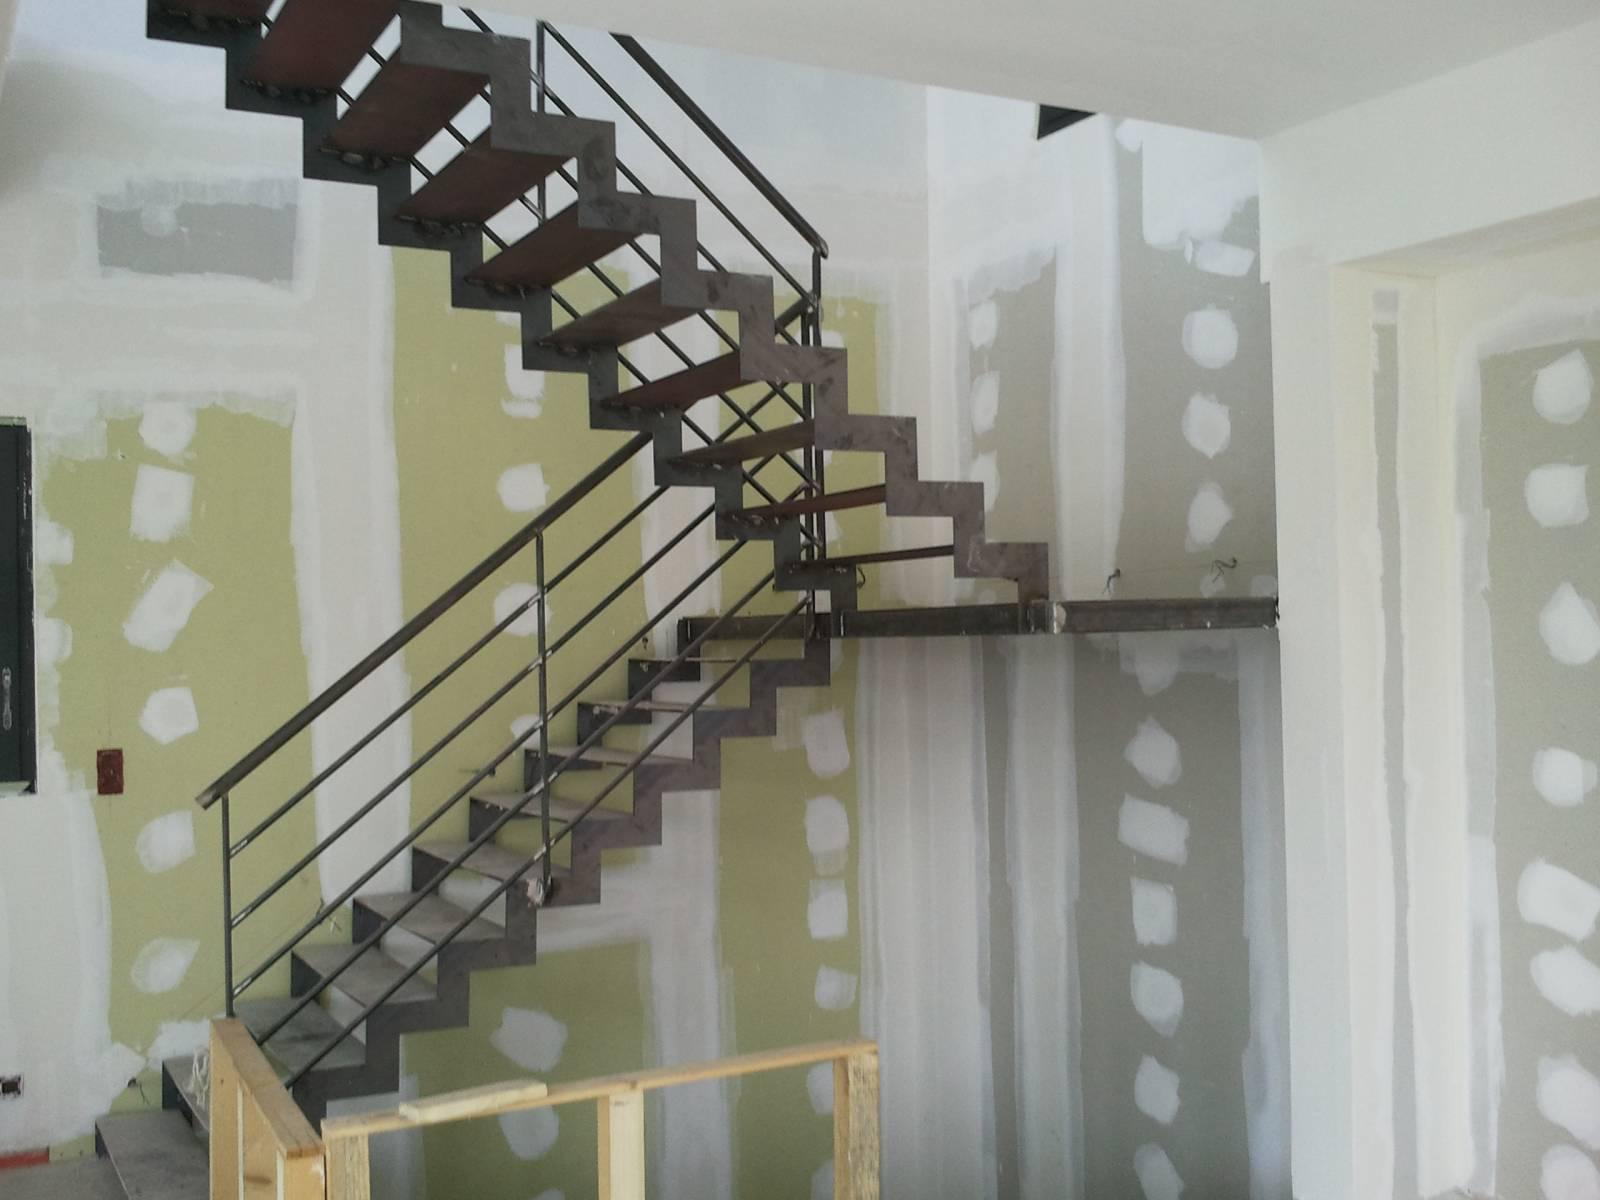 escalier en acier aix en provence ferronnerie pour garde corps et portail gignac la nerthe. Black Bedroom Furniture Sets. Home Design Ideas